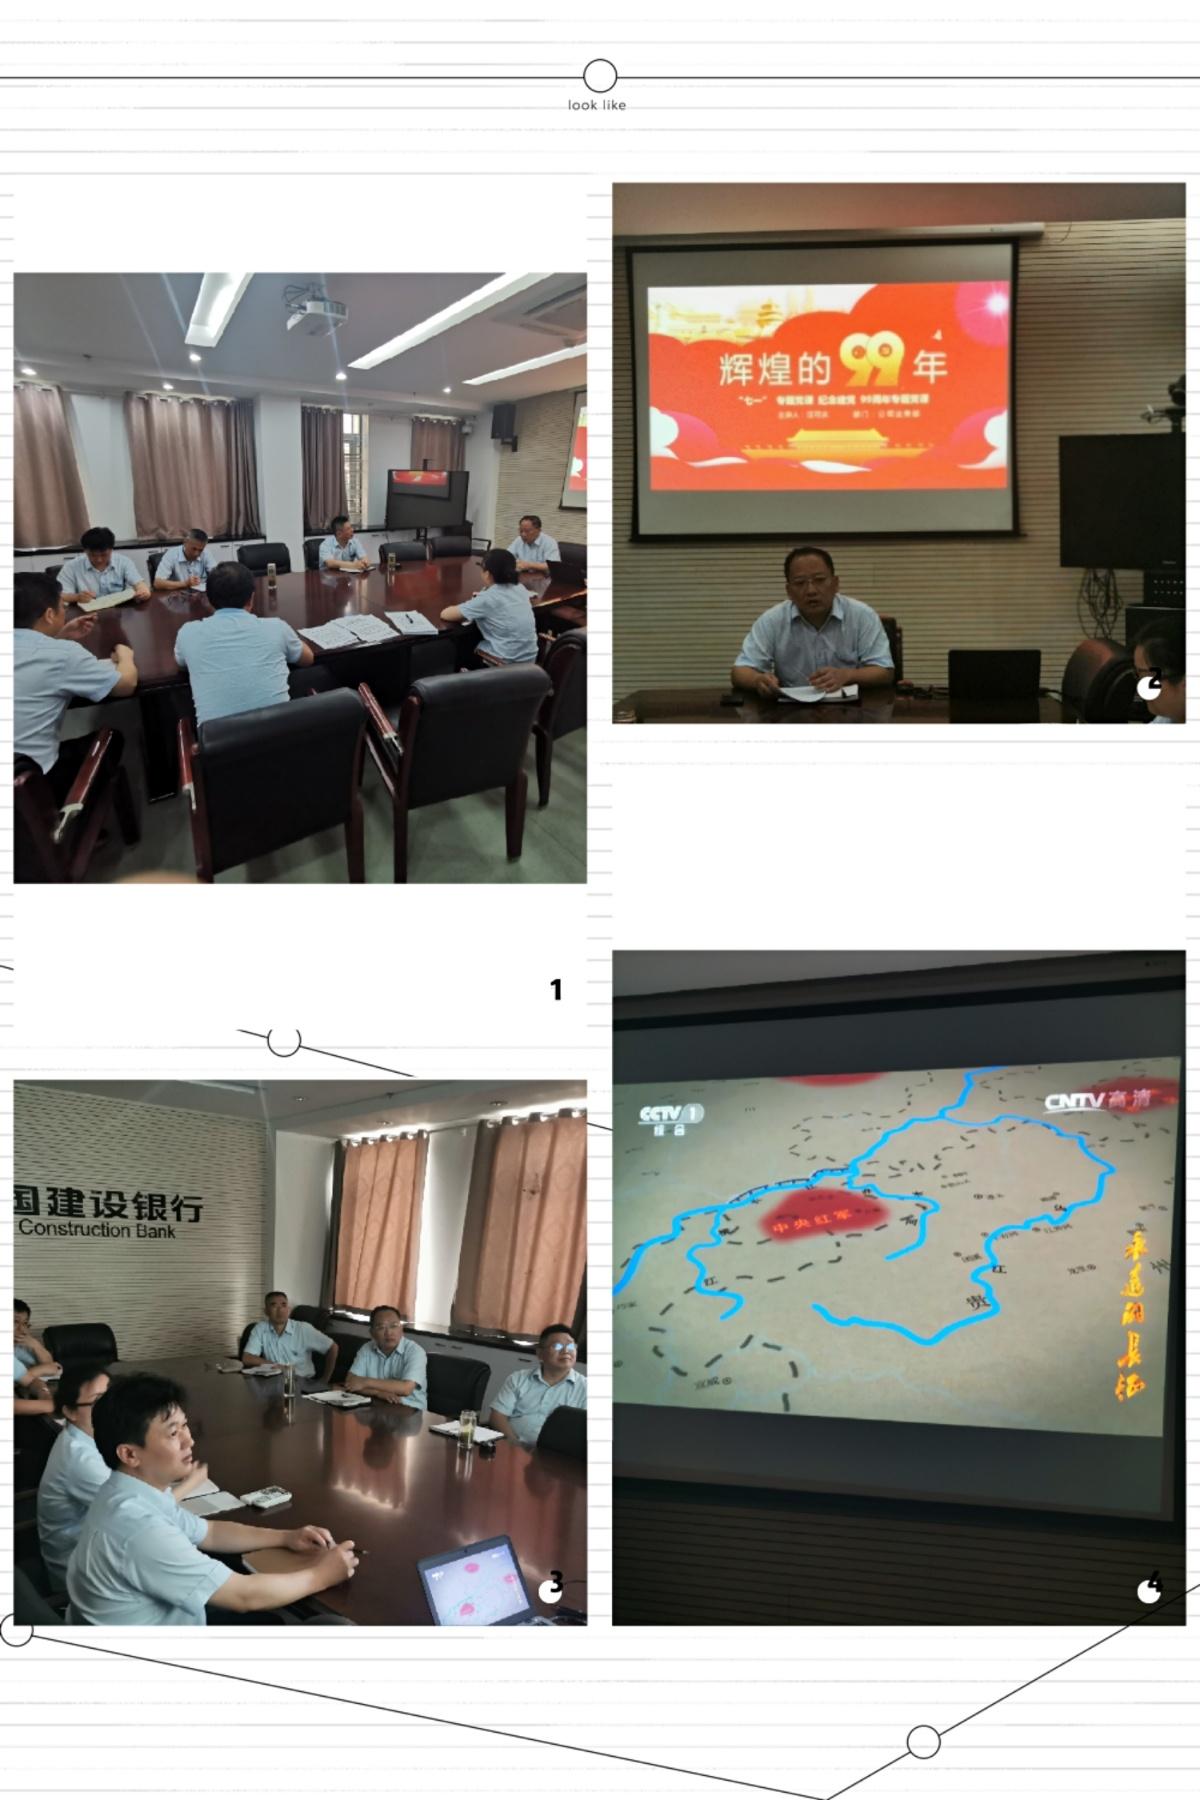 安庆建行公司业务部召开主题党日活动